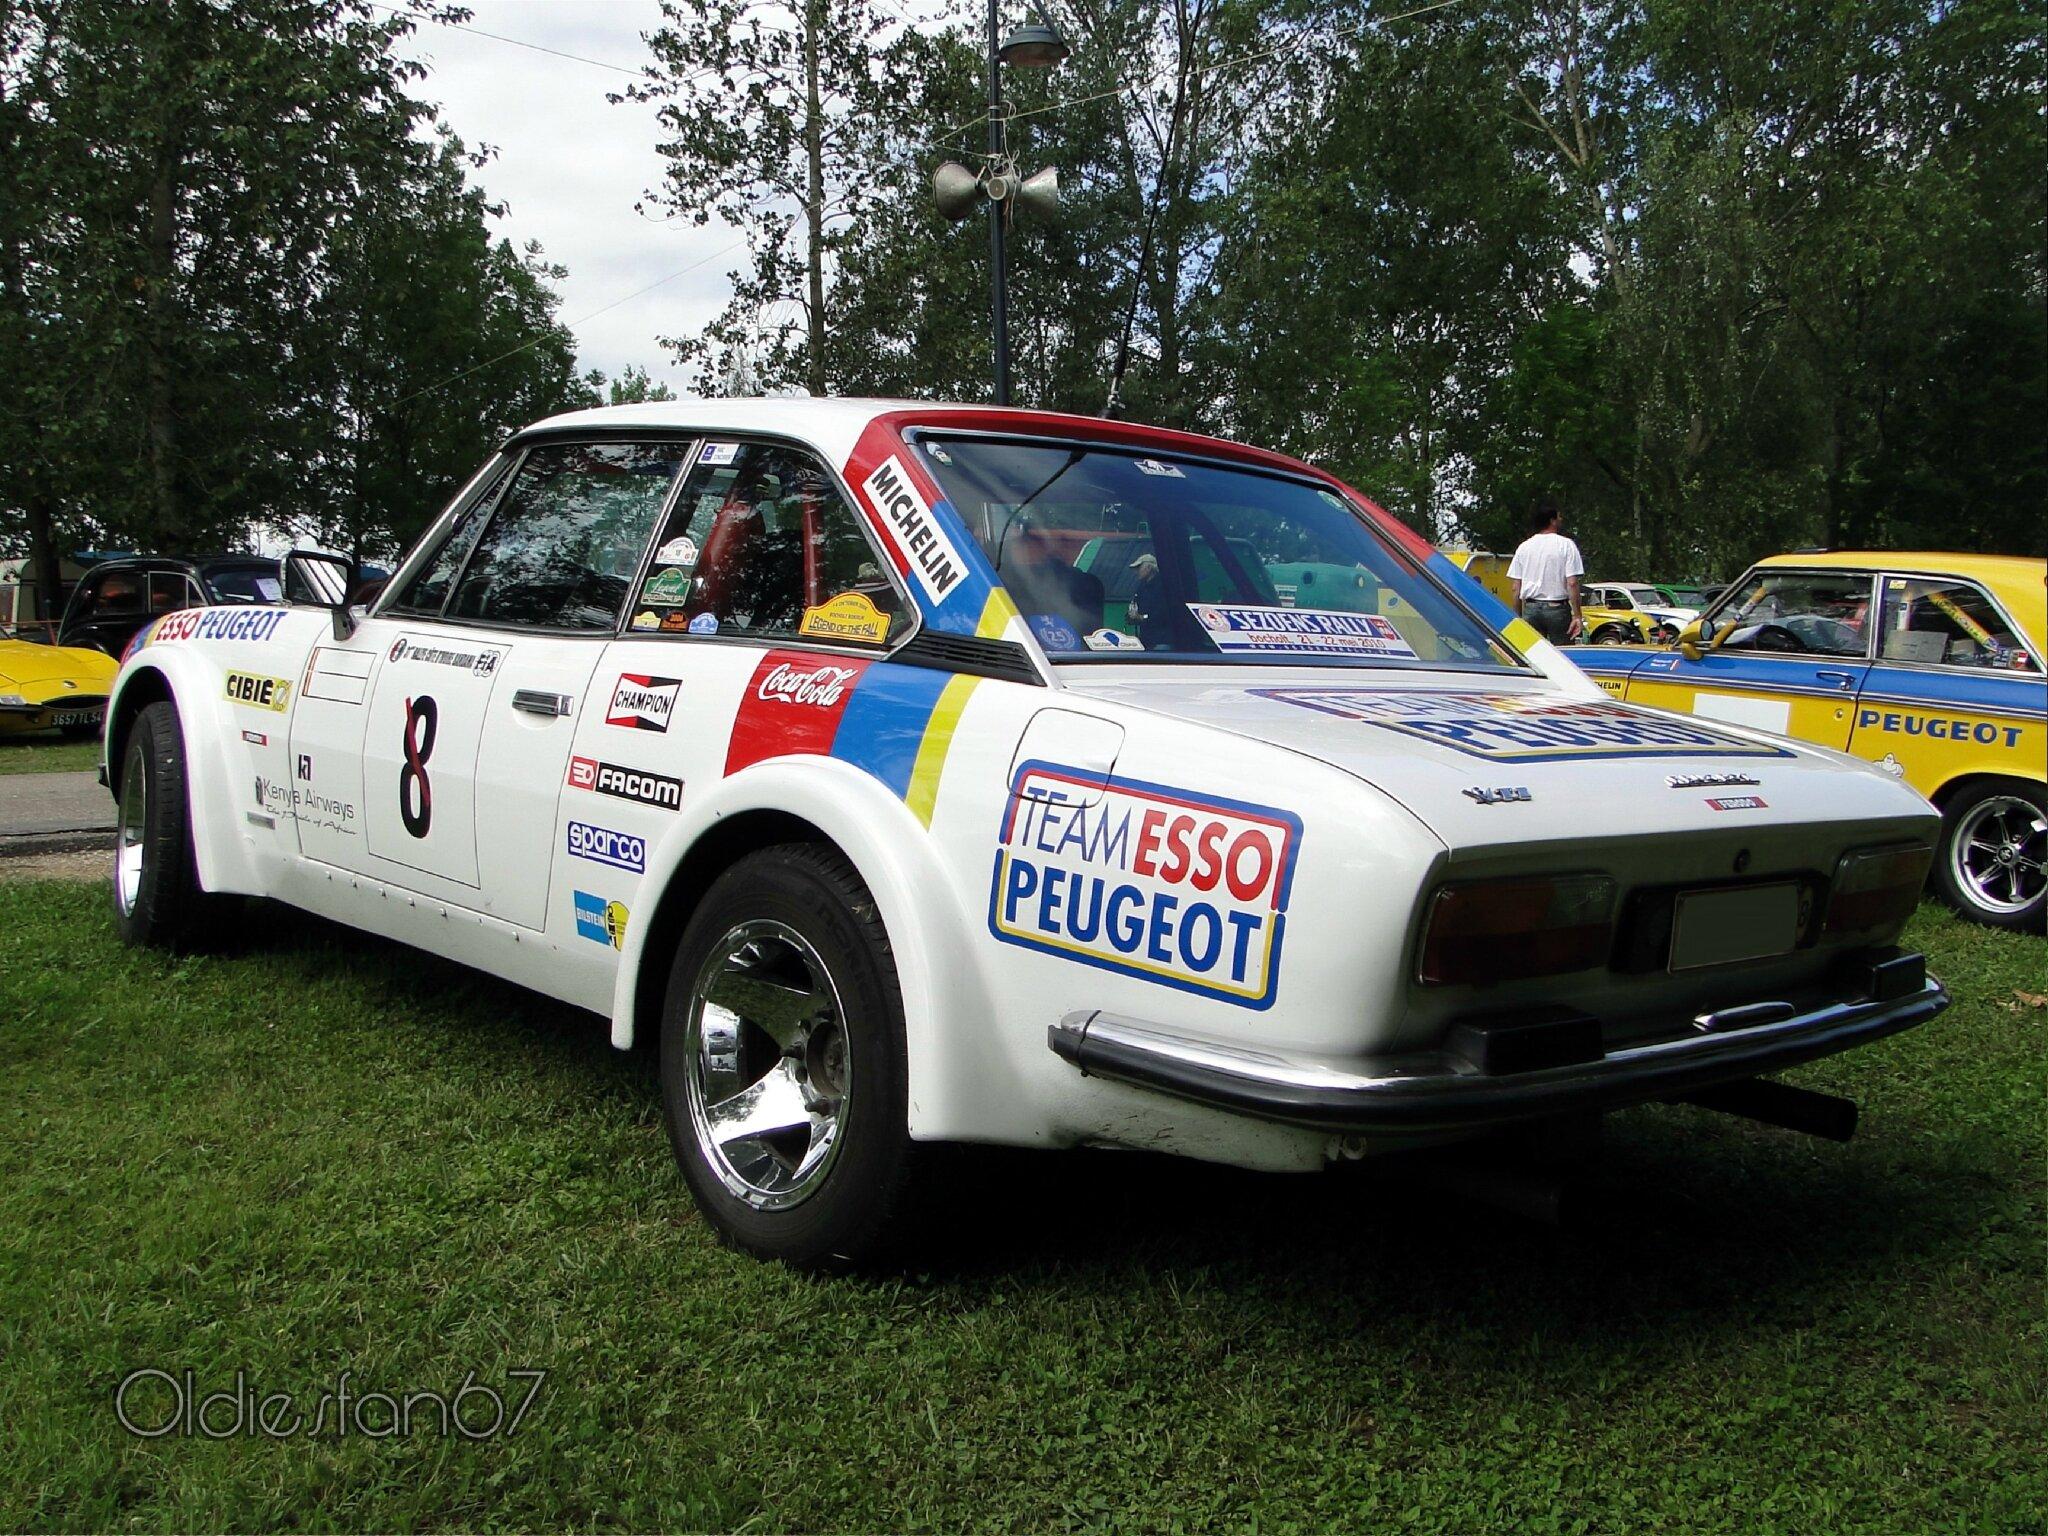 Peugeot 504 Coup 233 V6 1979 Oldiesfan67 Quot Mon Blog Auto Quot